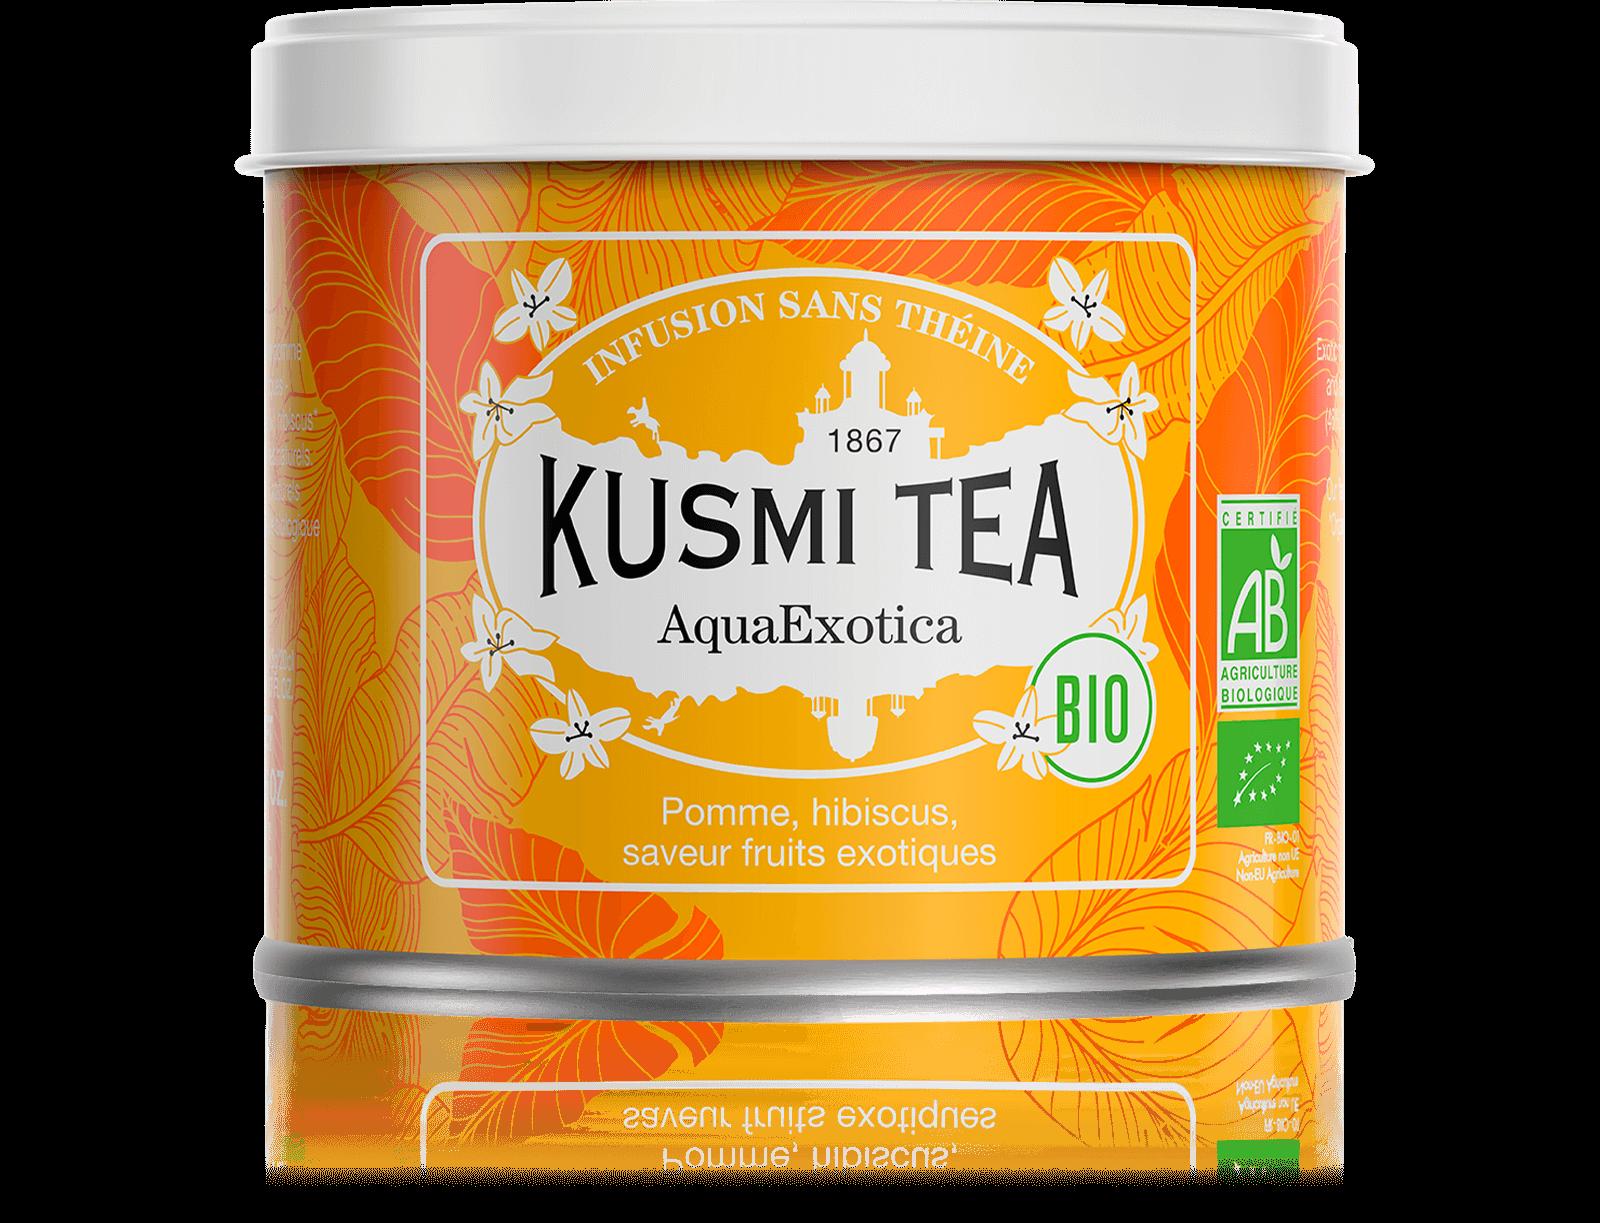 AquaExotica Infusion de fruits bio - Infusion hibiscus, mangue - Boîte de thé en vrac - Kusmi Tea